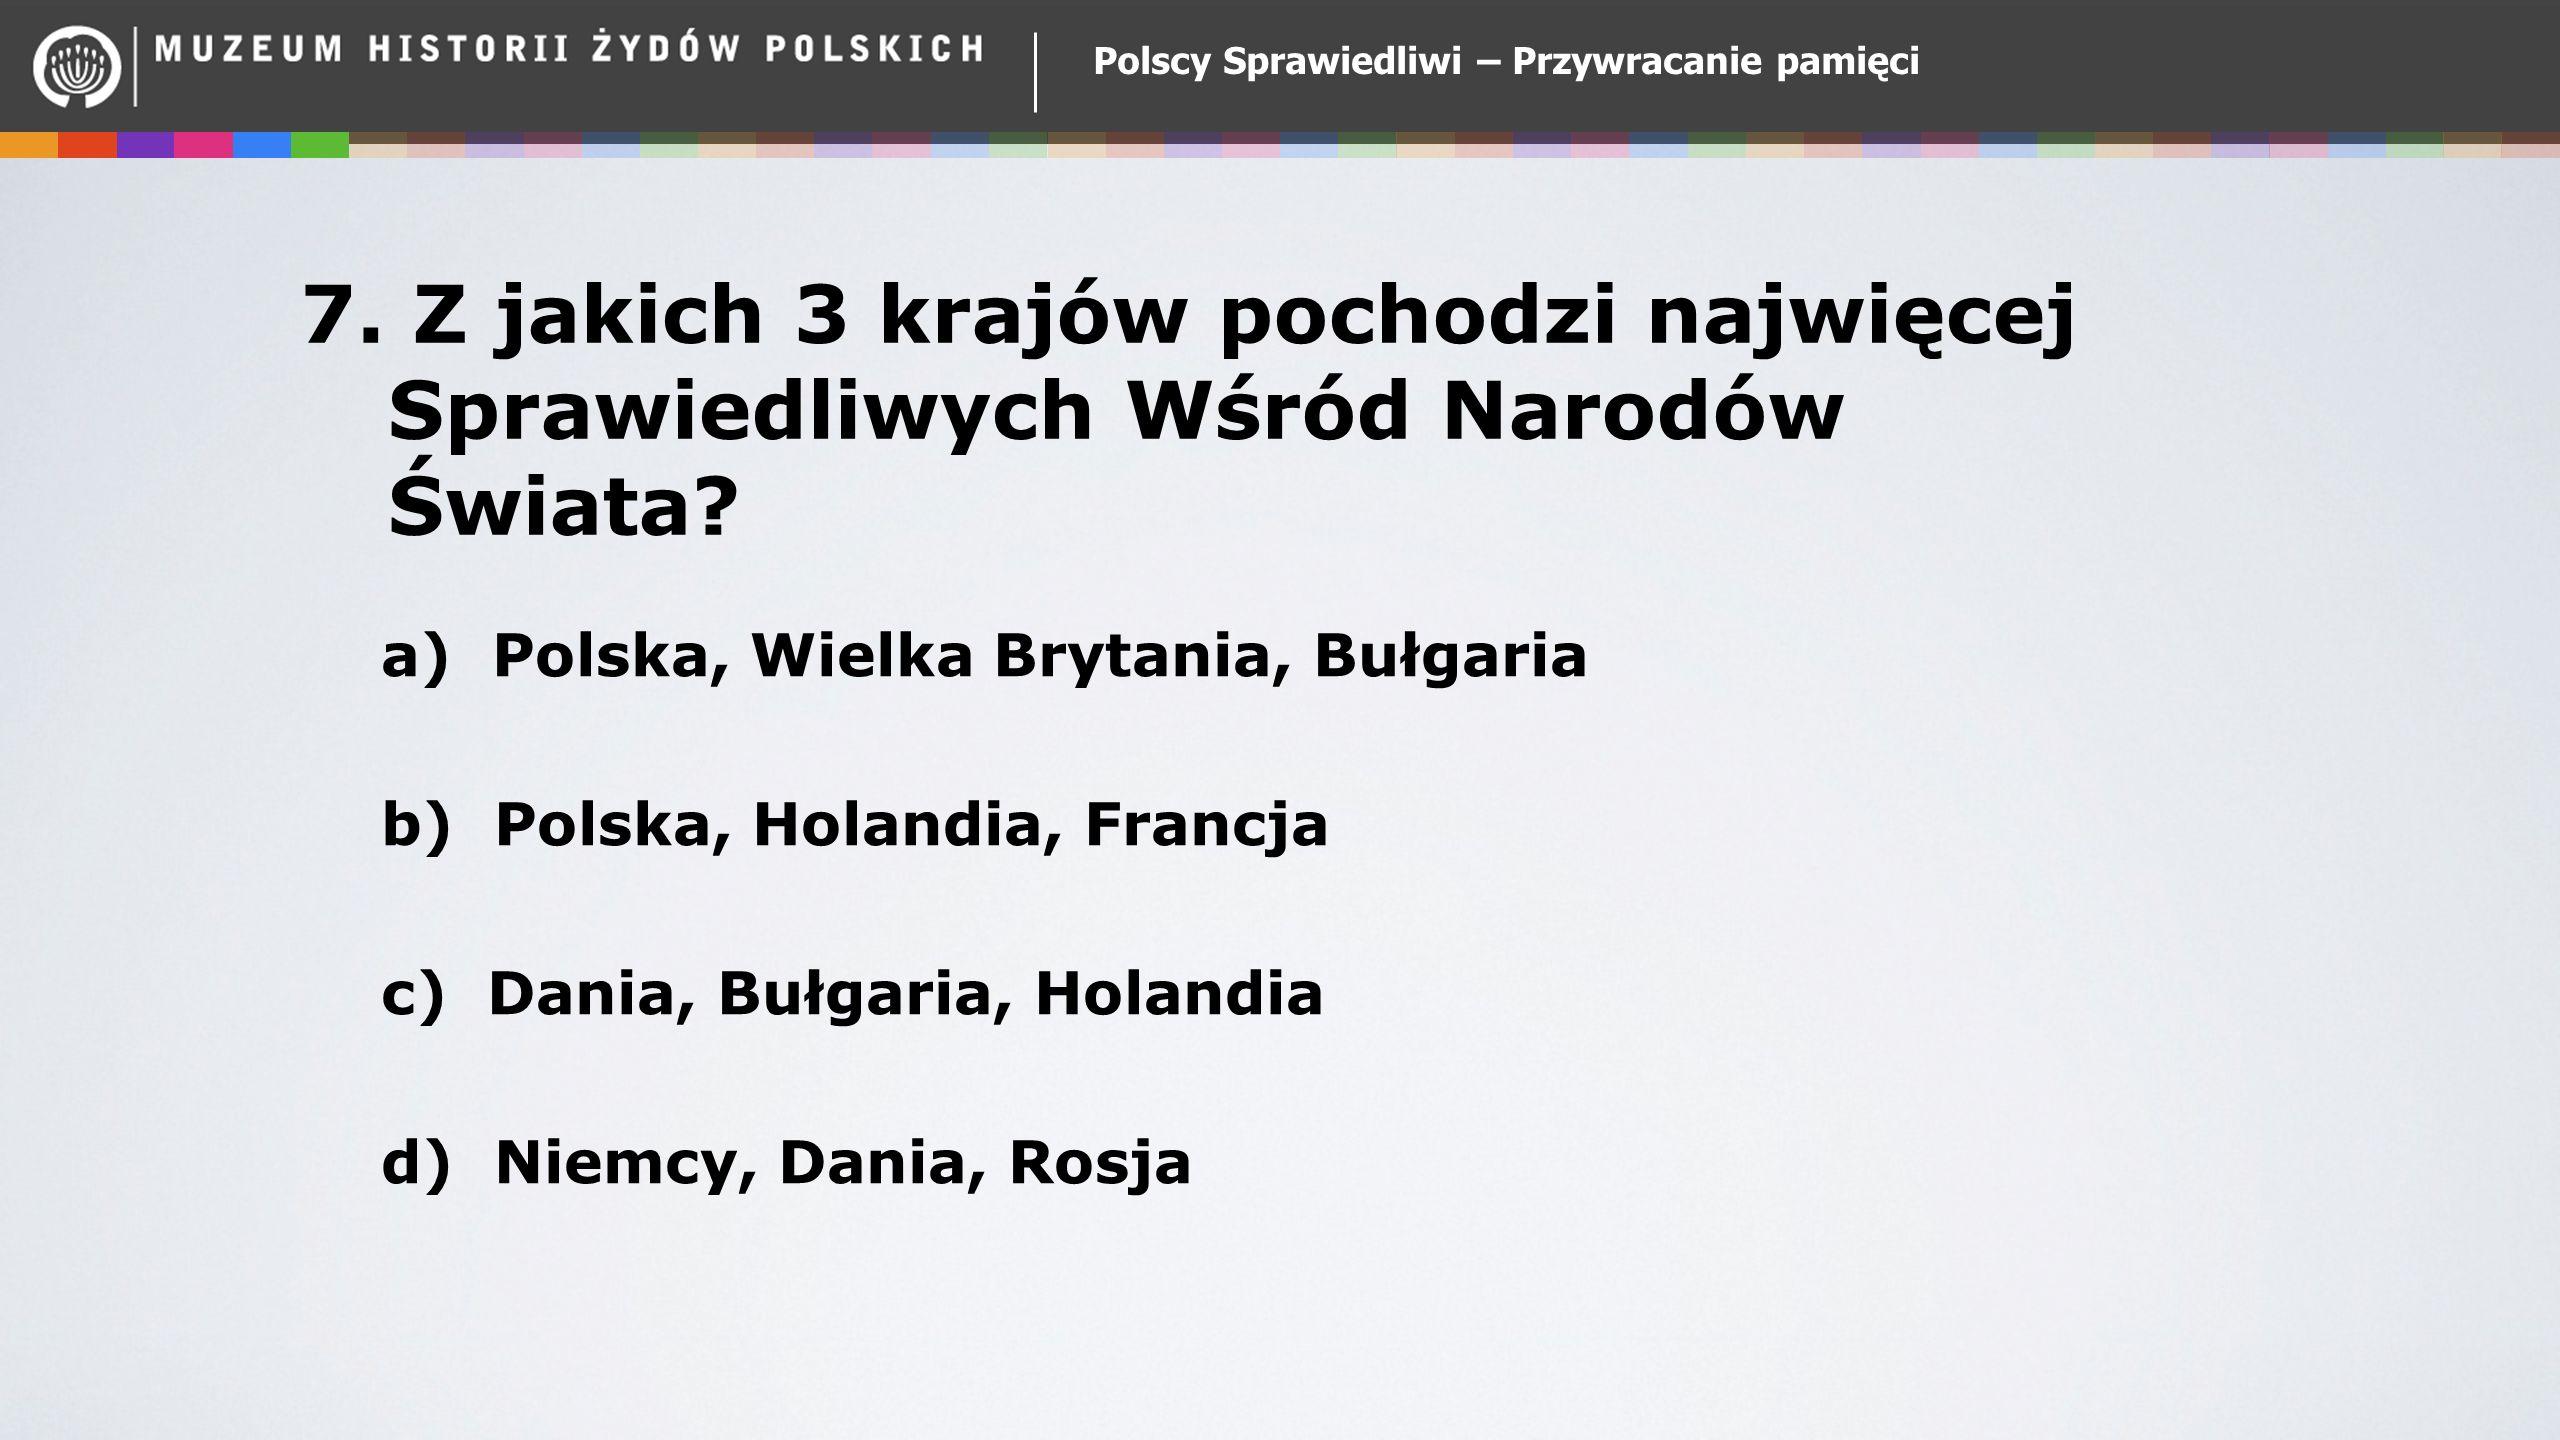 Polscy Sprawiedliwi – Przywracanie pamięci 7. Z jakich 3 krajów pochodzi najwięcej Sprawiedliwych Wśród Narodów Świata? a) Polska, Wielka Brytania, Bu